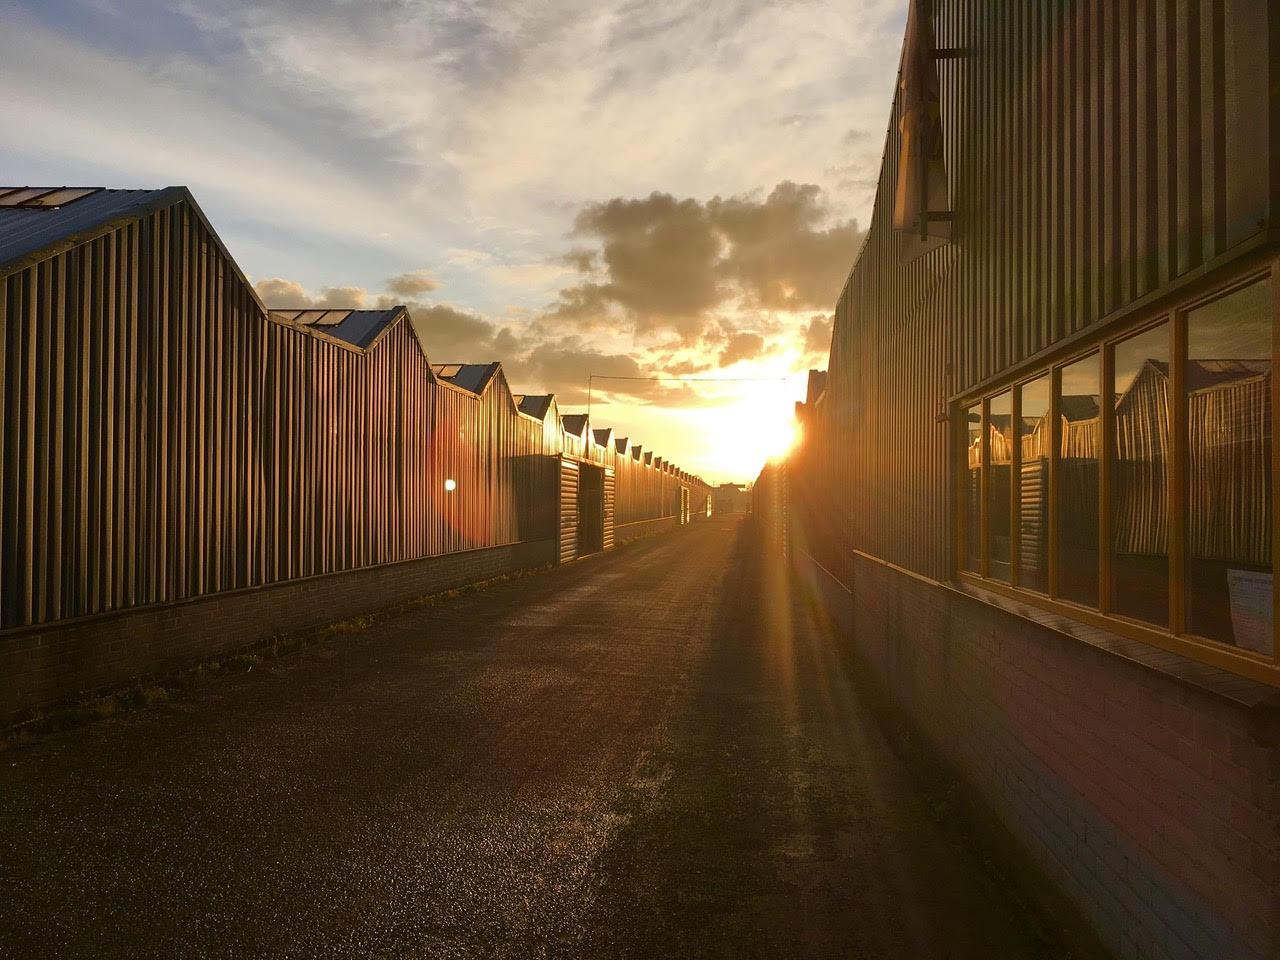 Liefst 20.160 zonnepanelen op de daken van Caravanstalling Vonk